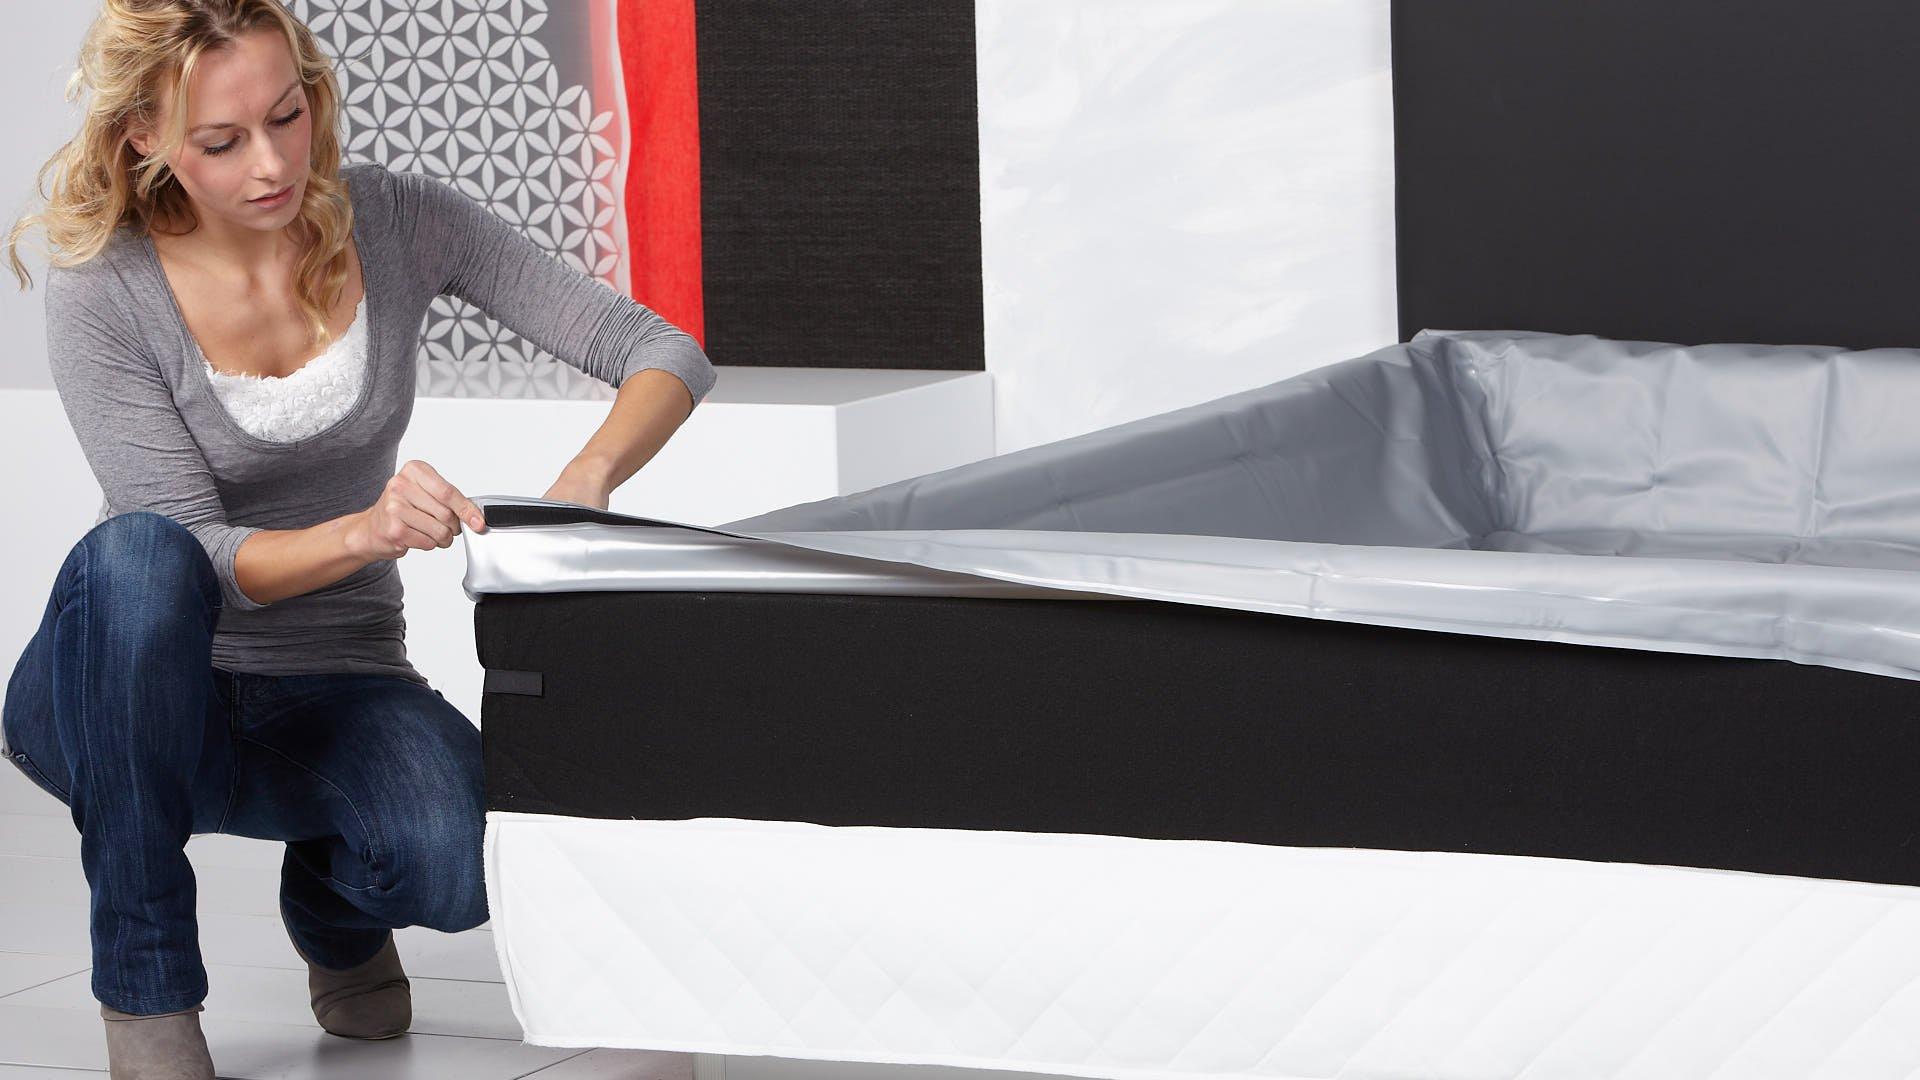 veiligheidsvoering voor waterbed softside basic